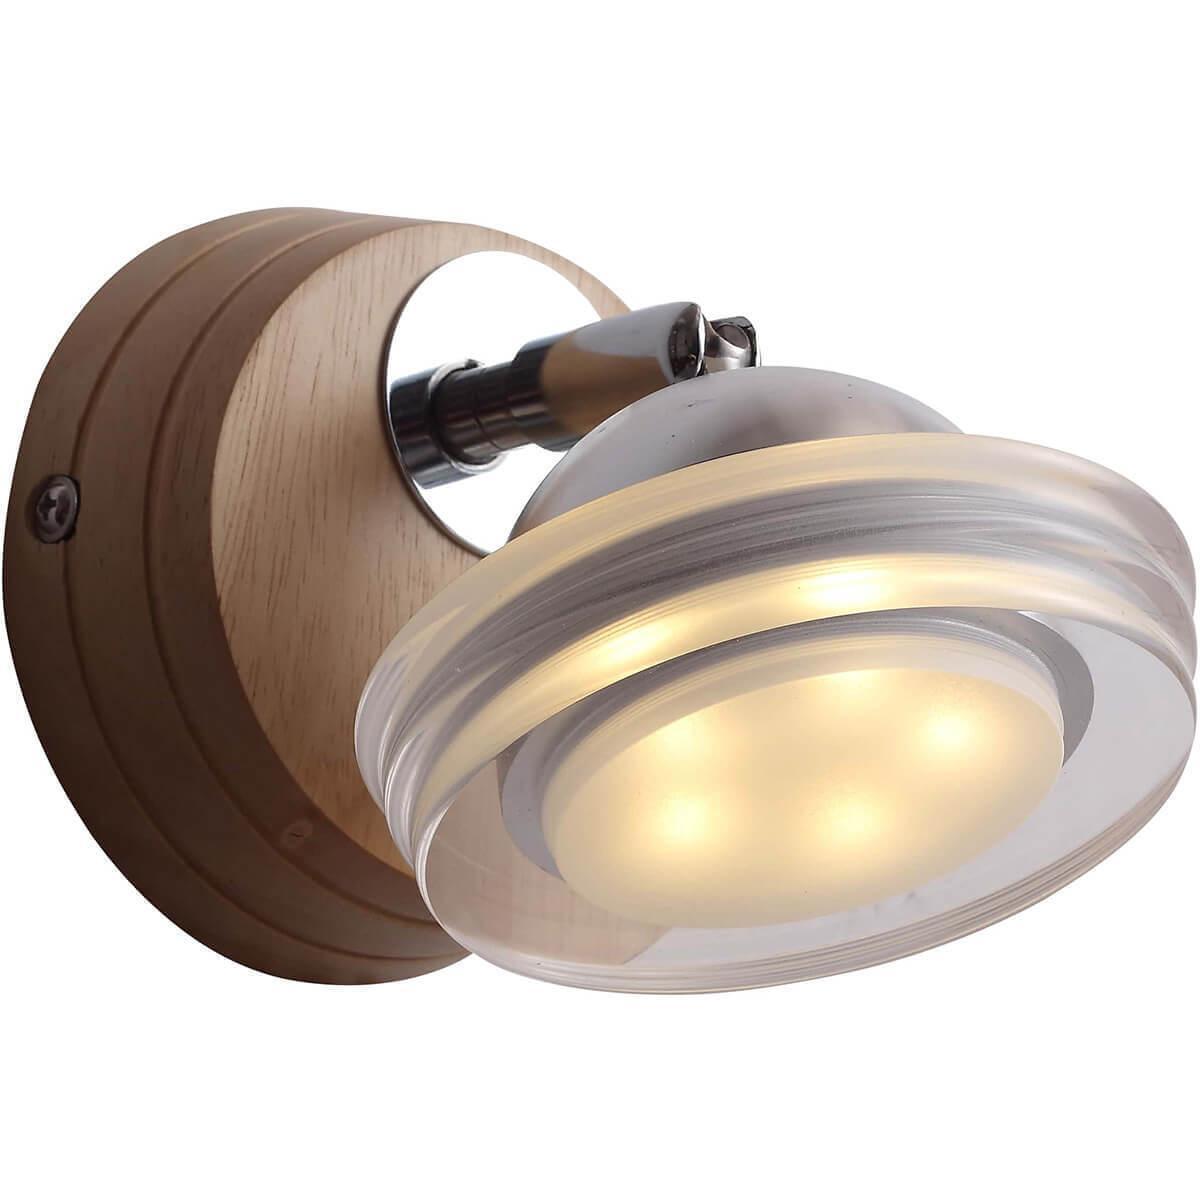 Спот Lucia Tucci Natura W075.1 LED, LED, 5 Вт